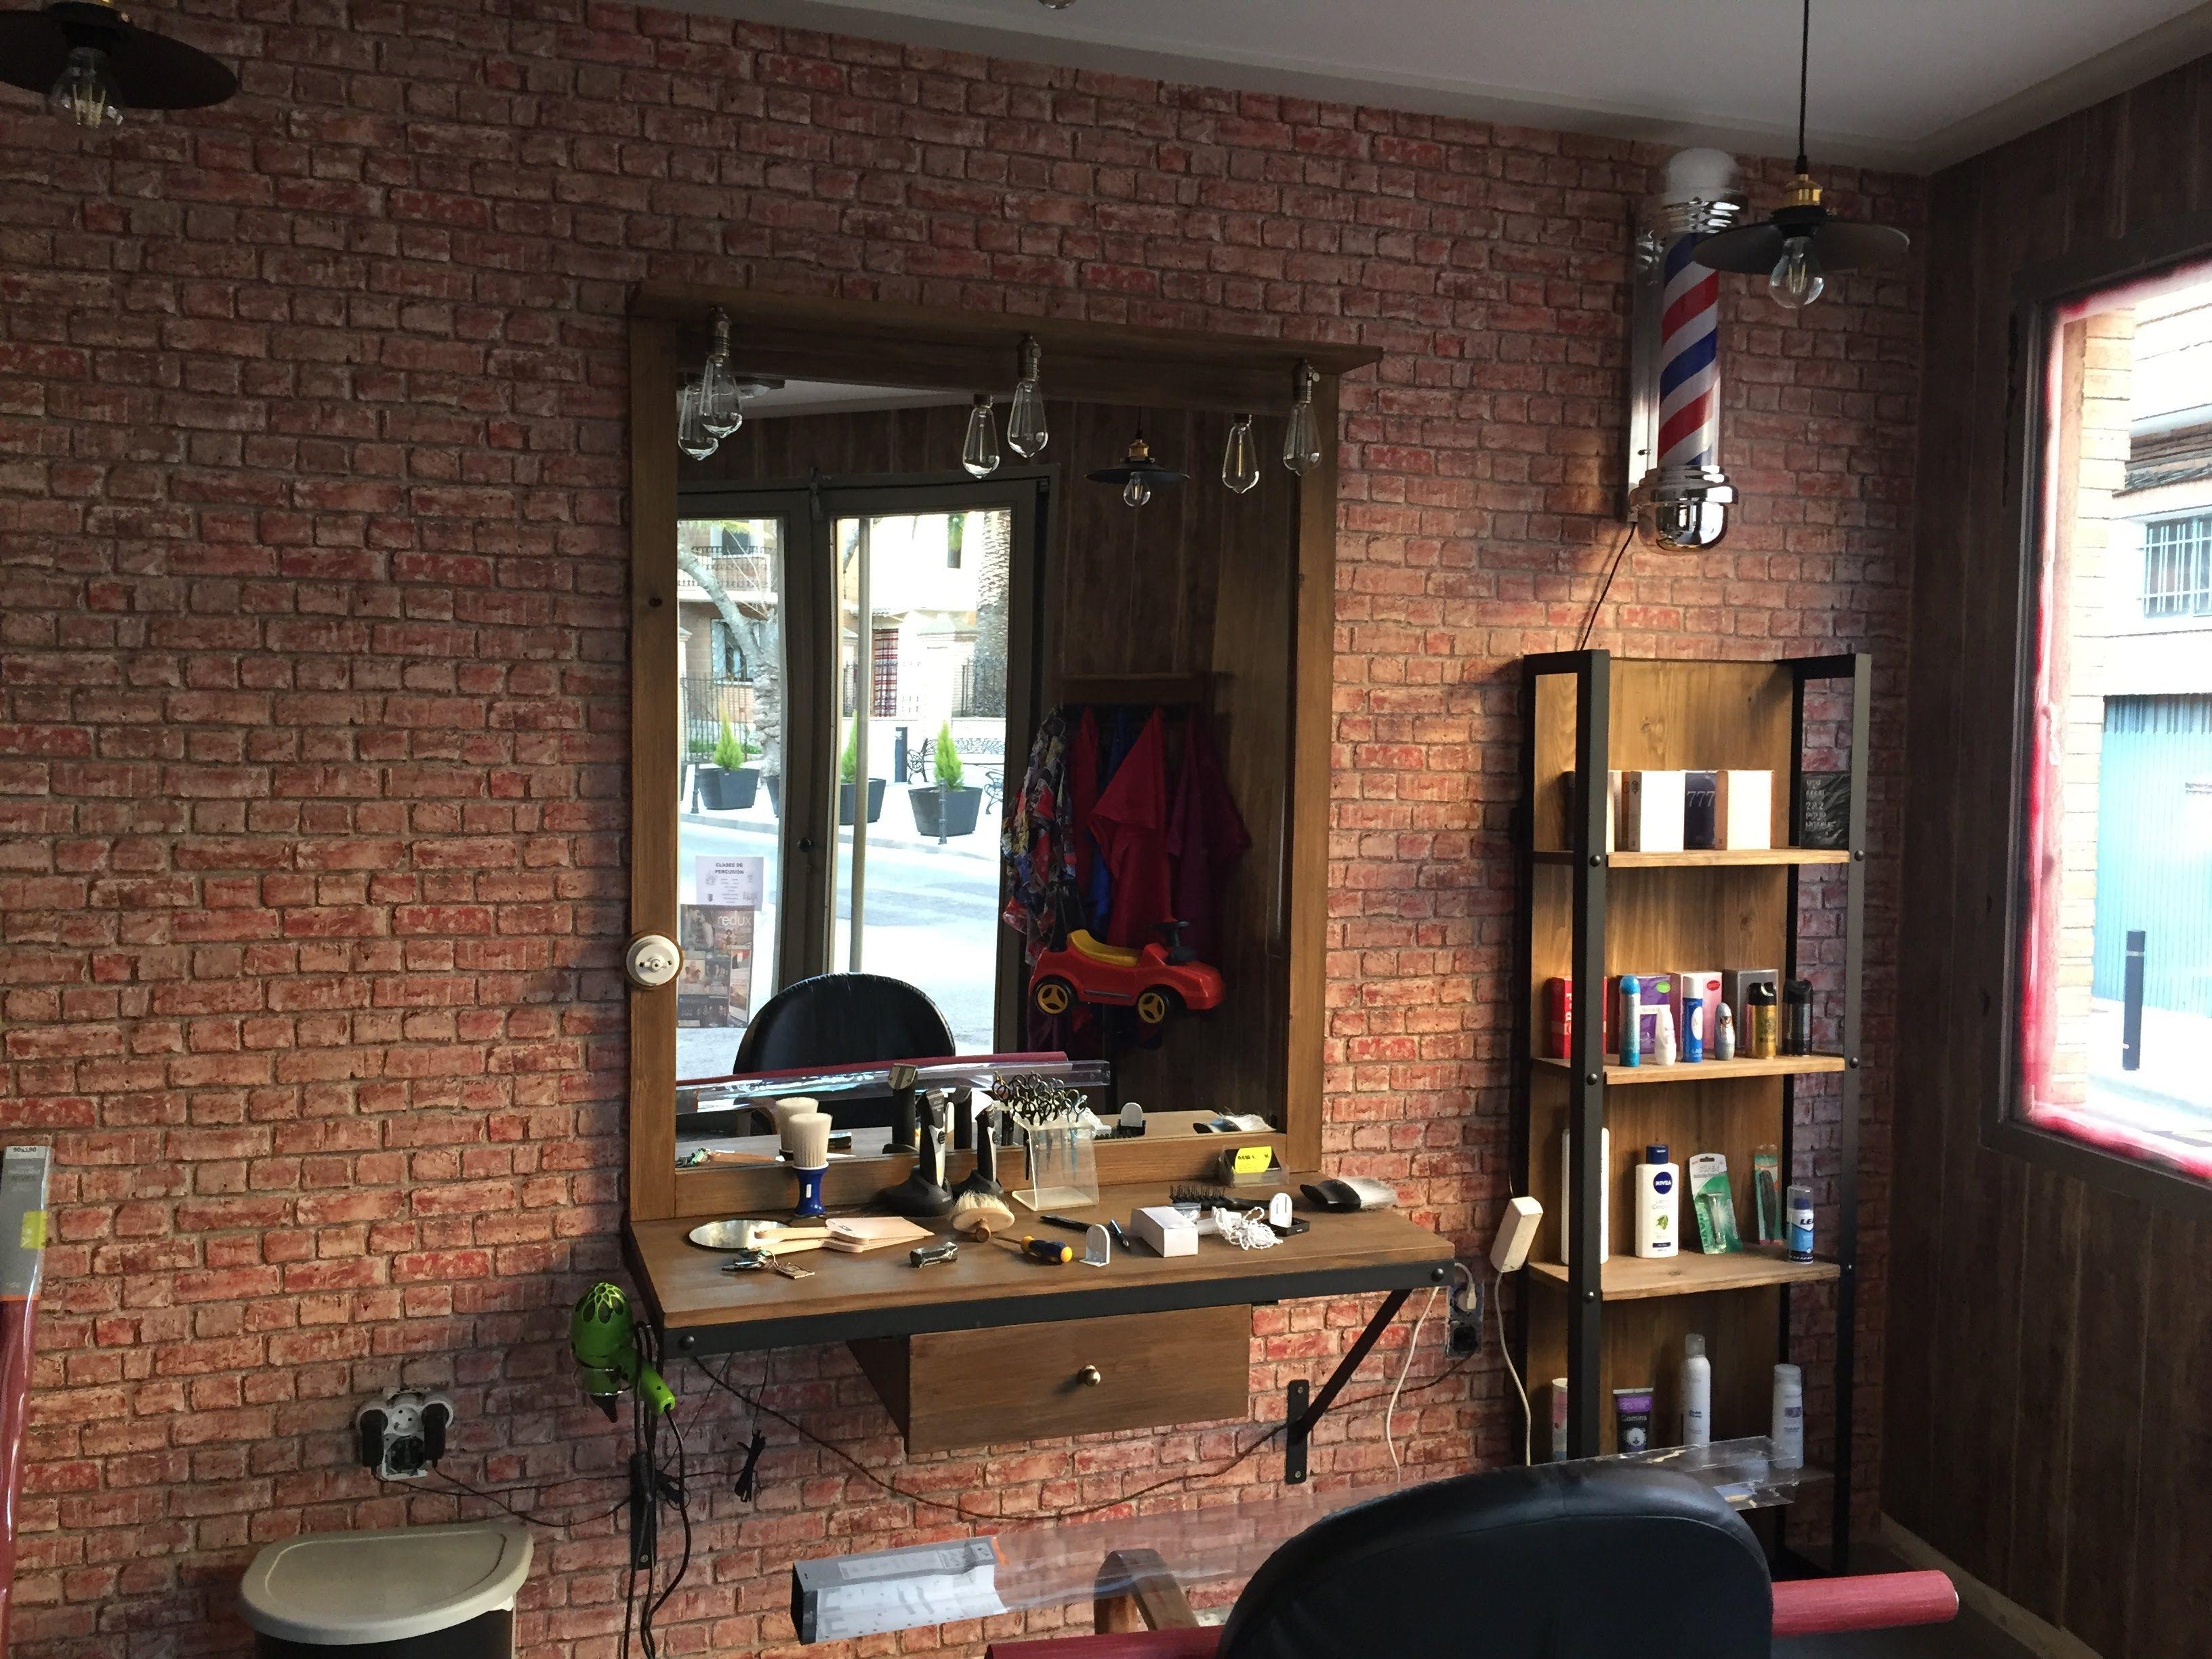 Mesa y espejo de peluqueria vintage todo es artesanal for Peluqueria mesa y lopez